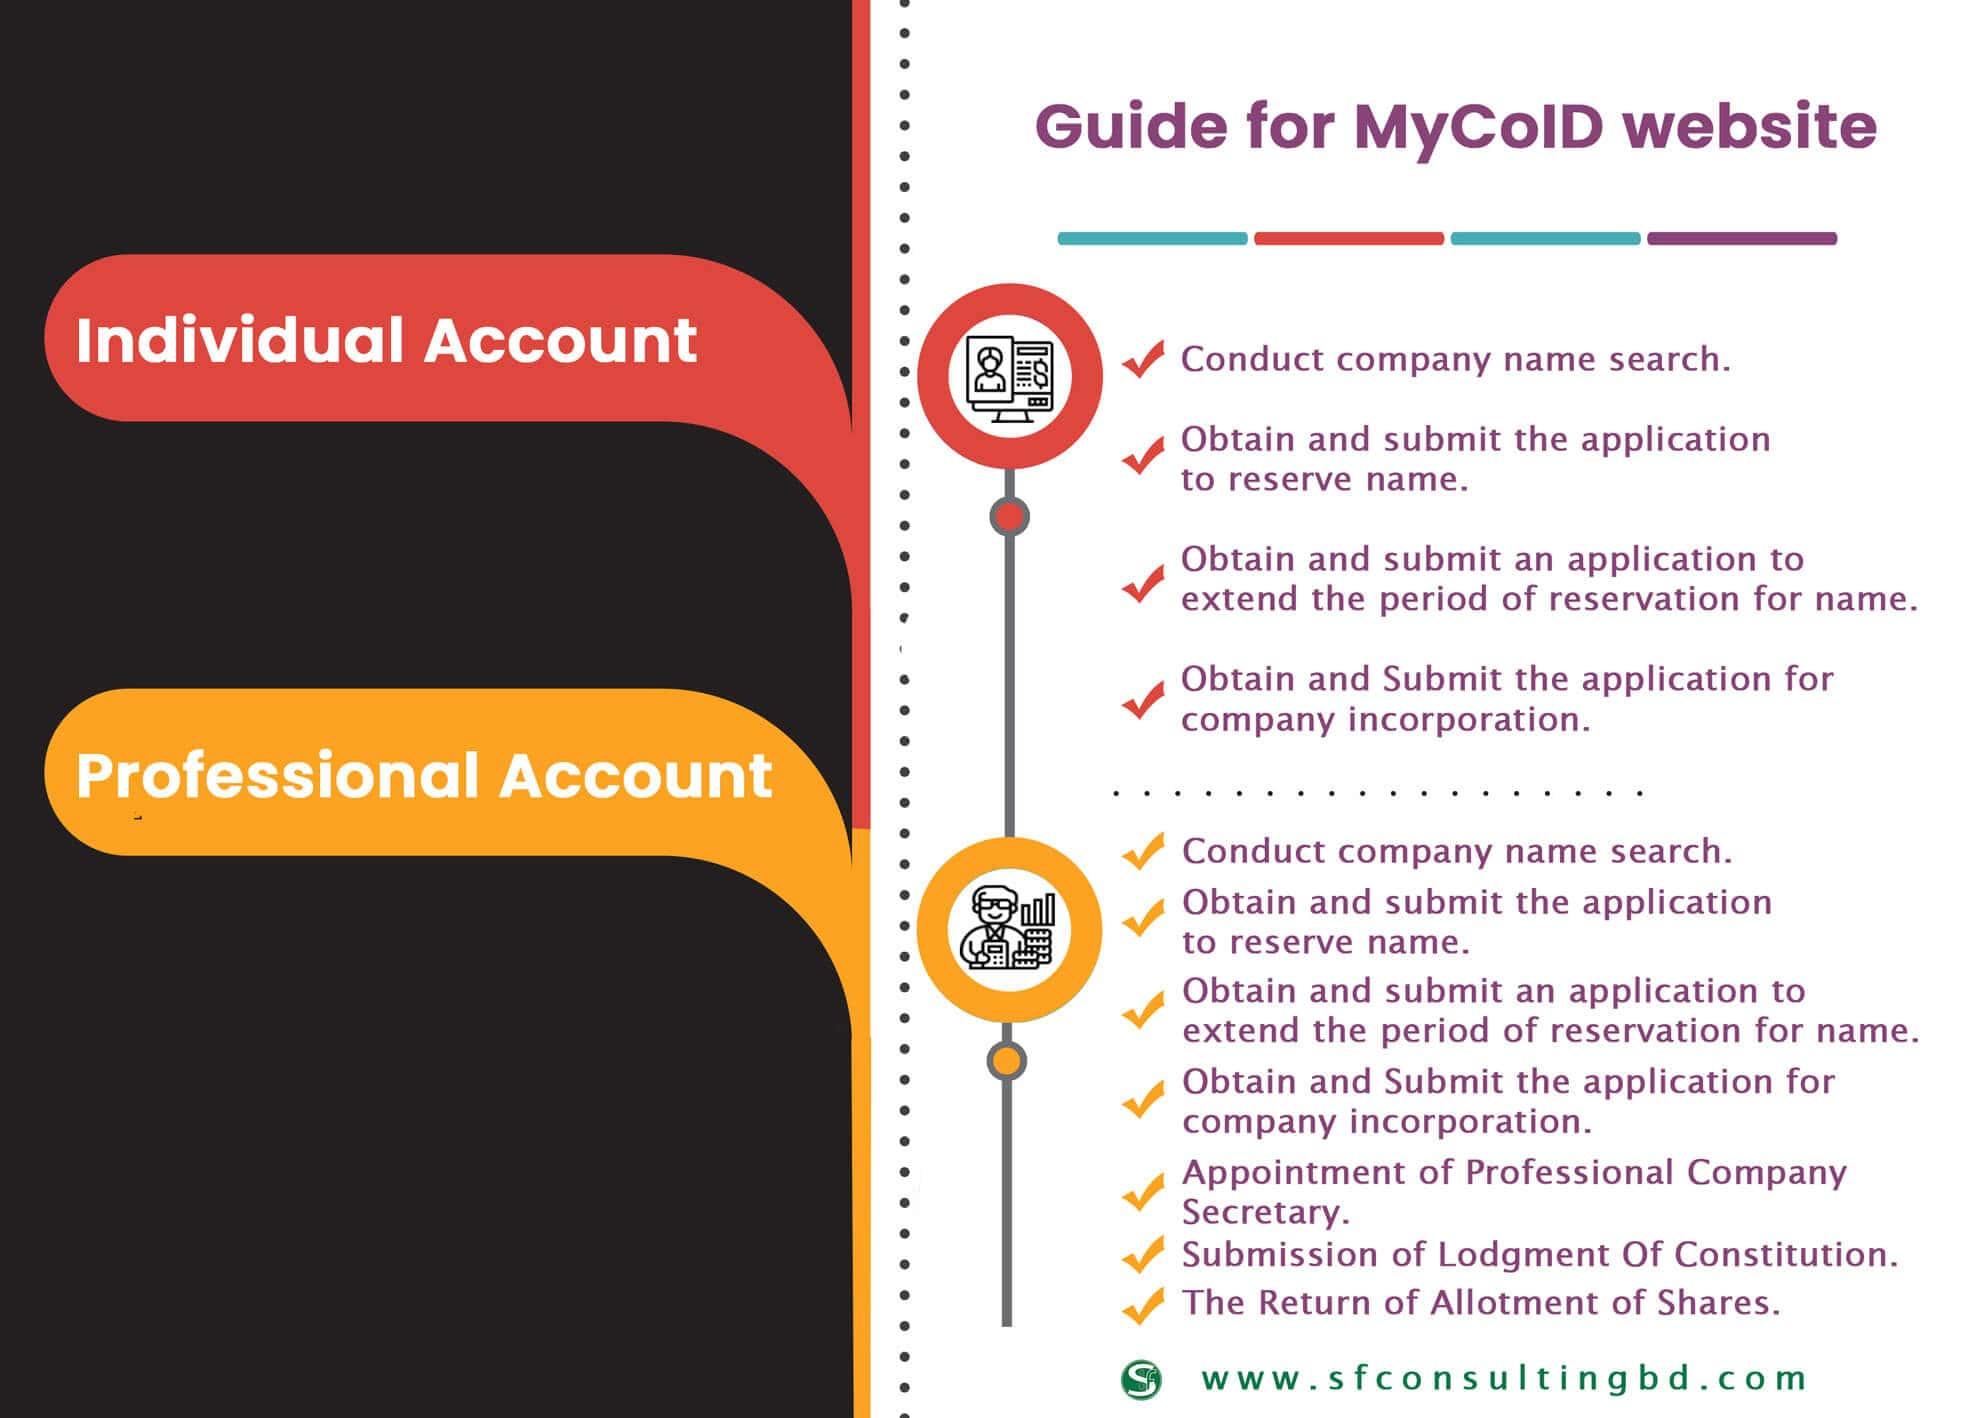 User Guide for MyCoID Website